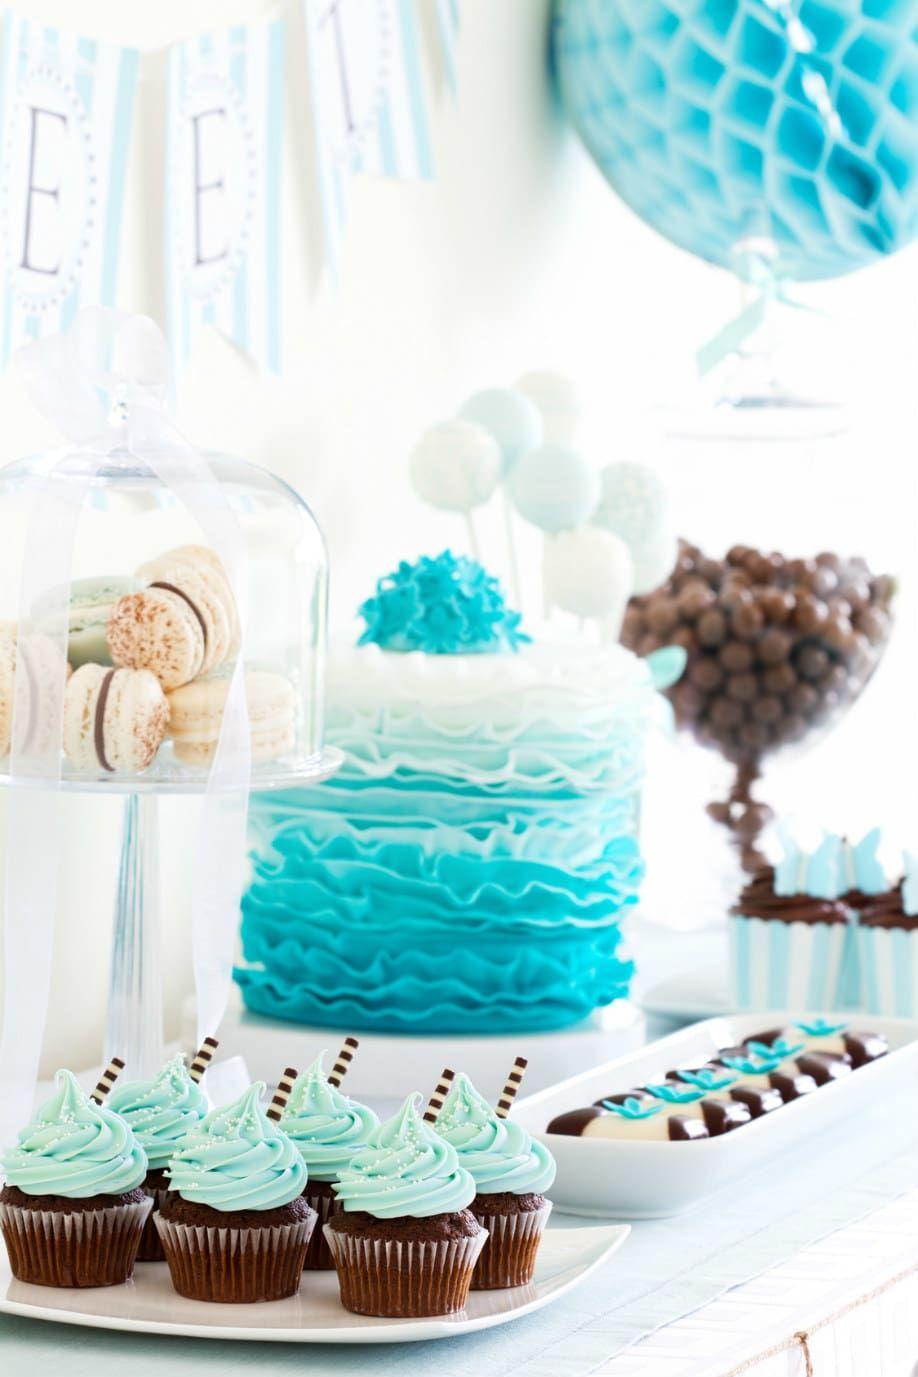 Come organizzare un buffet di dolci buffet cucina for Decorazioni cucina fai da te